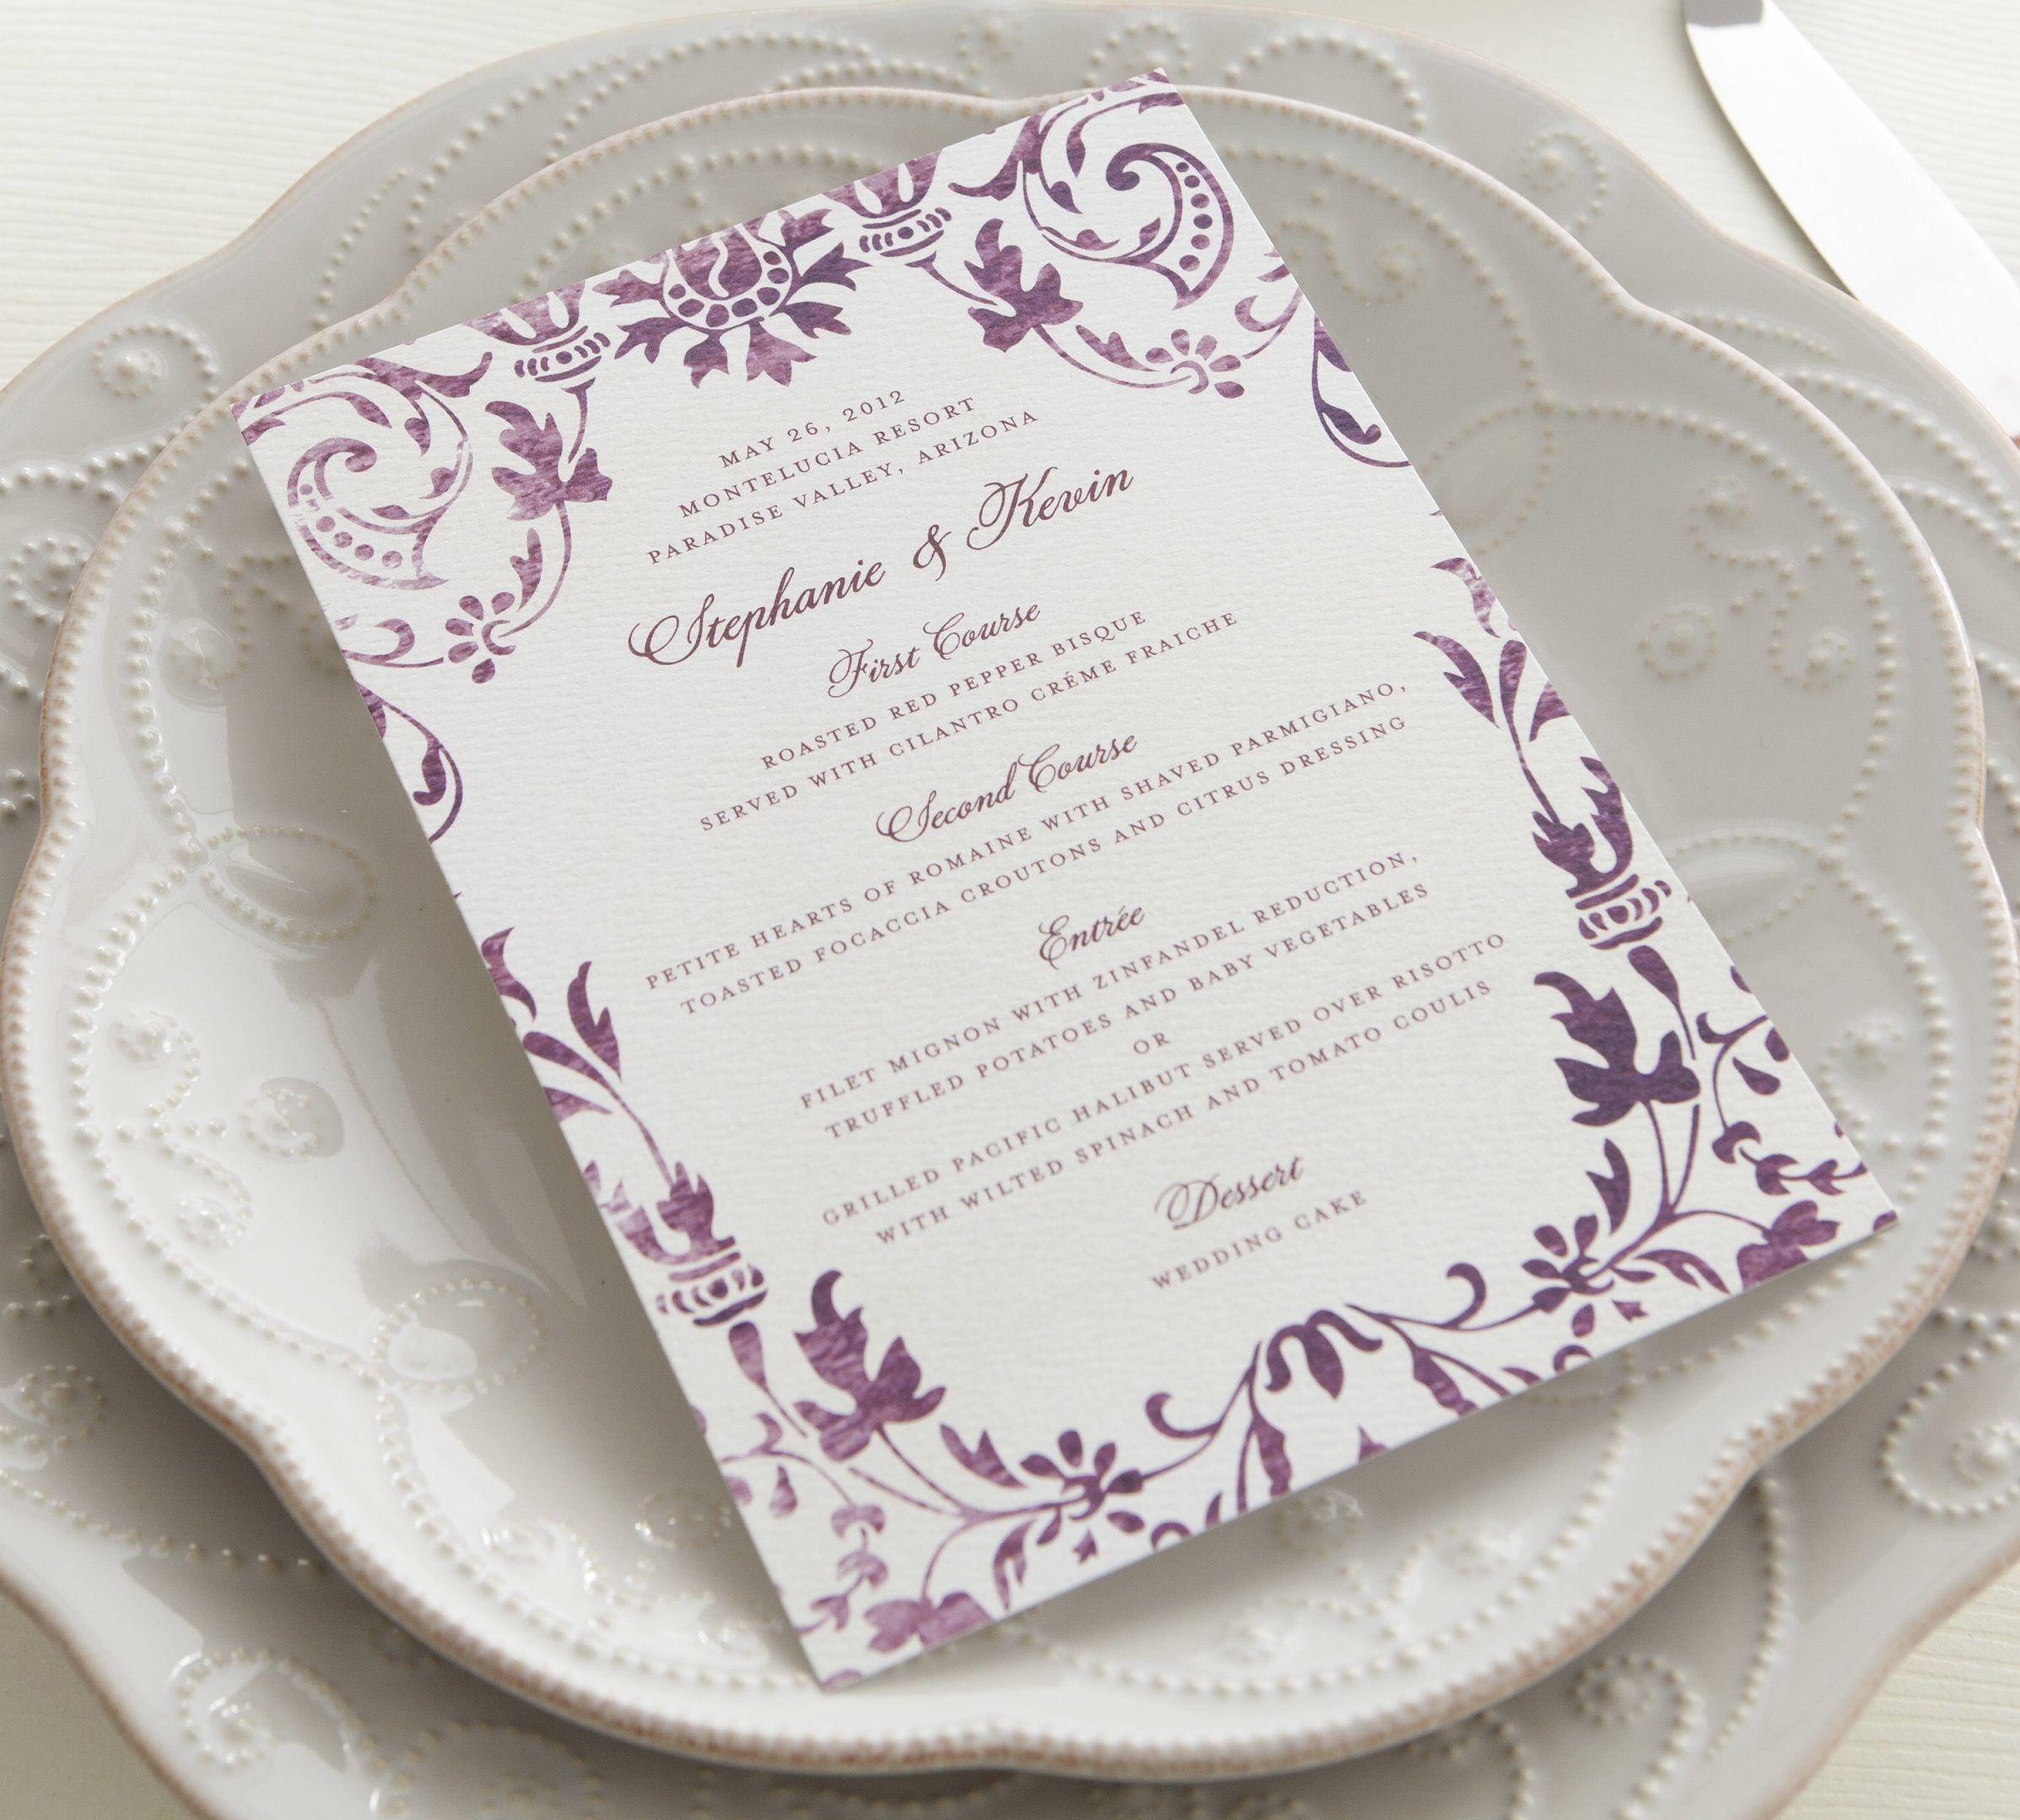 Wedding Menu Cards Shutterfly A wedding